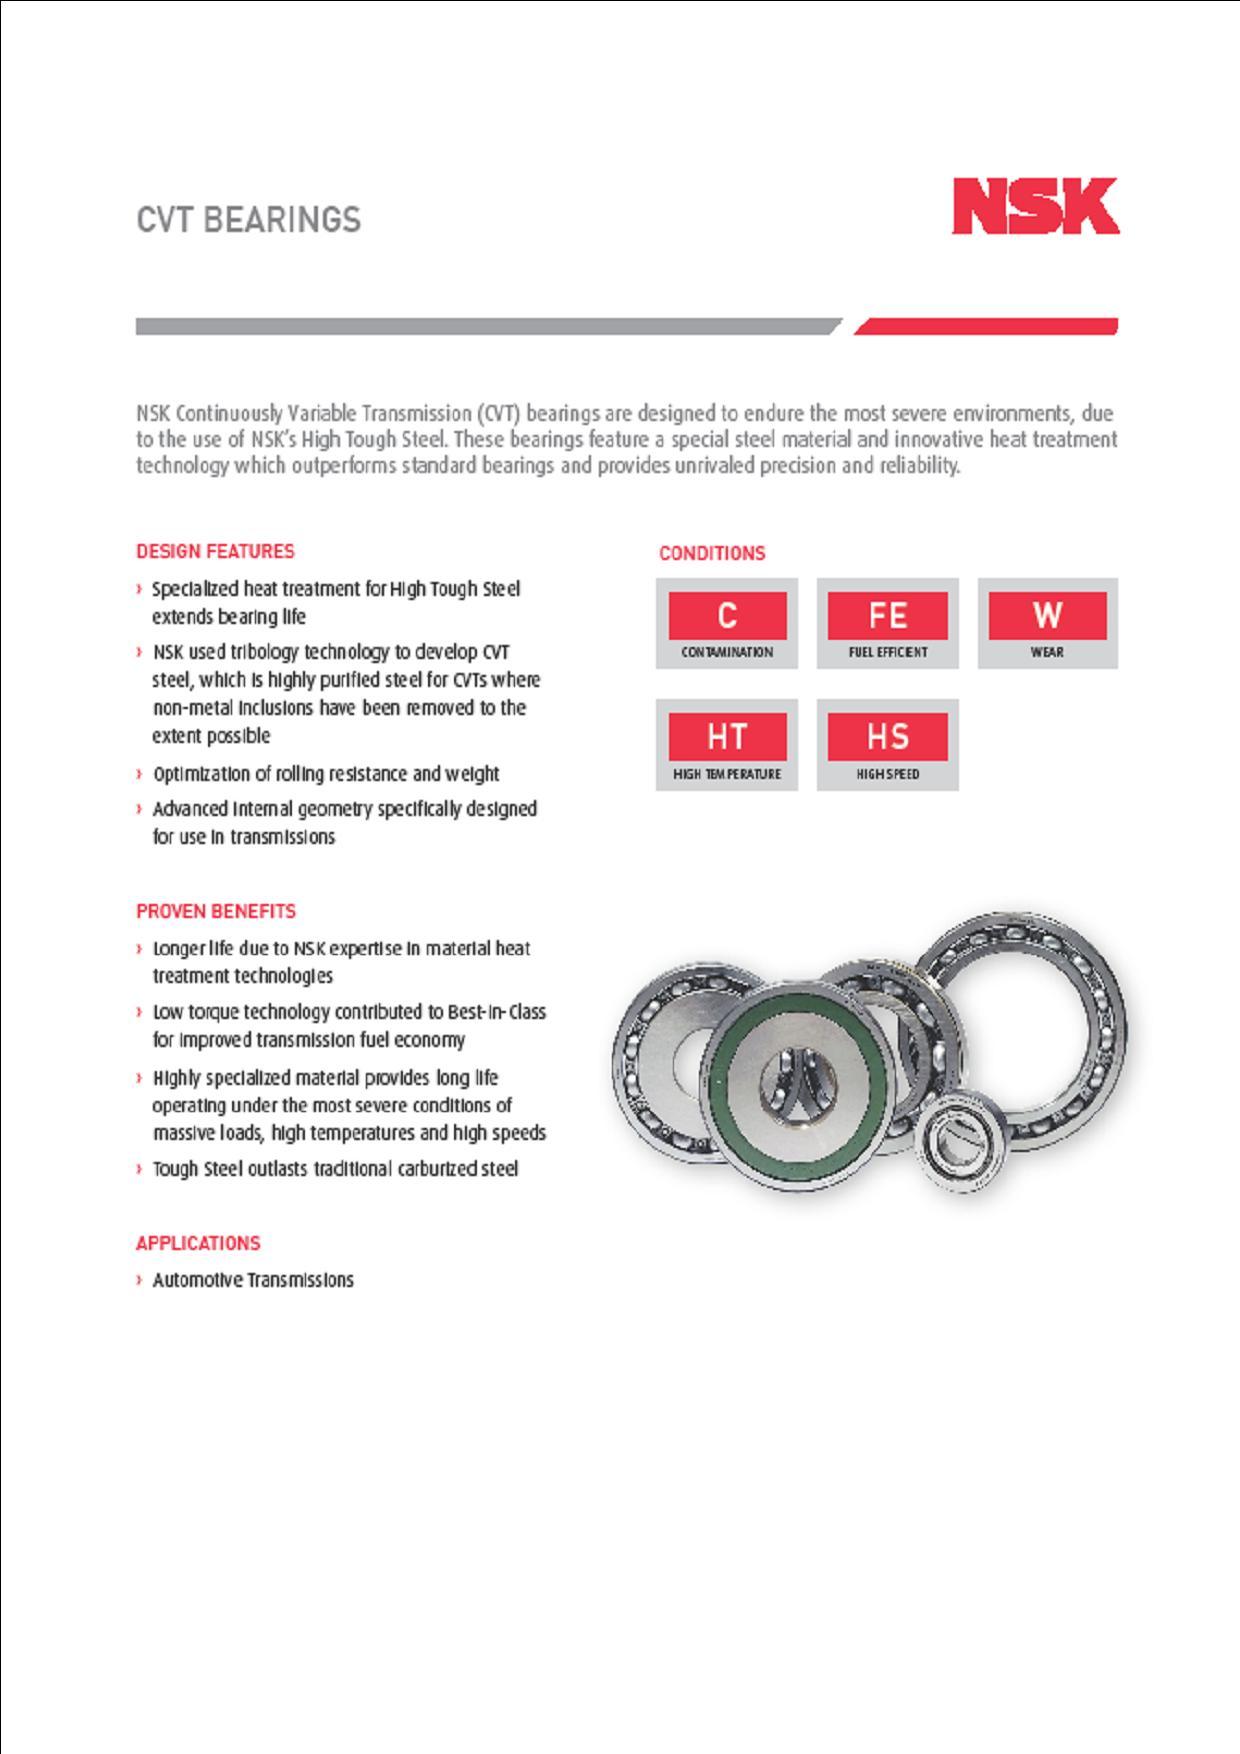 nsk-product-sheet1.jpg